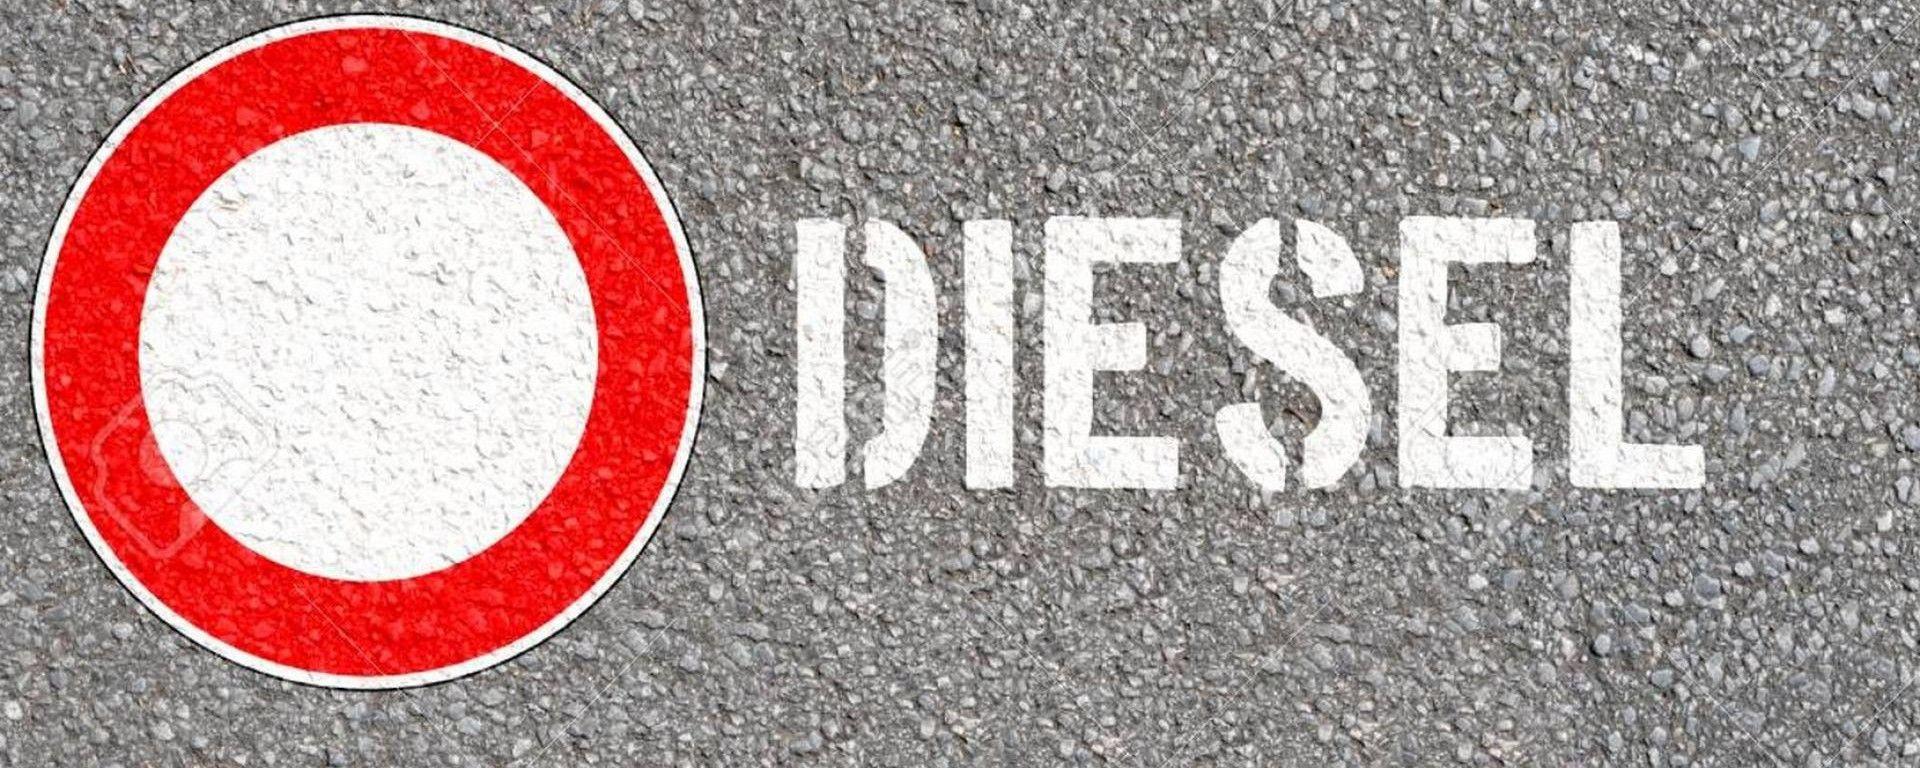 Blocco dei diesel e non solo: le limitazioni alla circolazione 2020